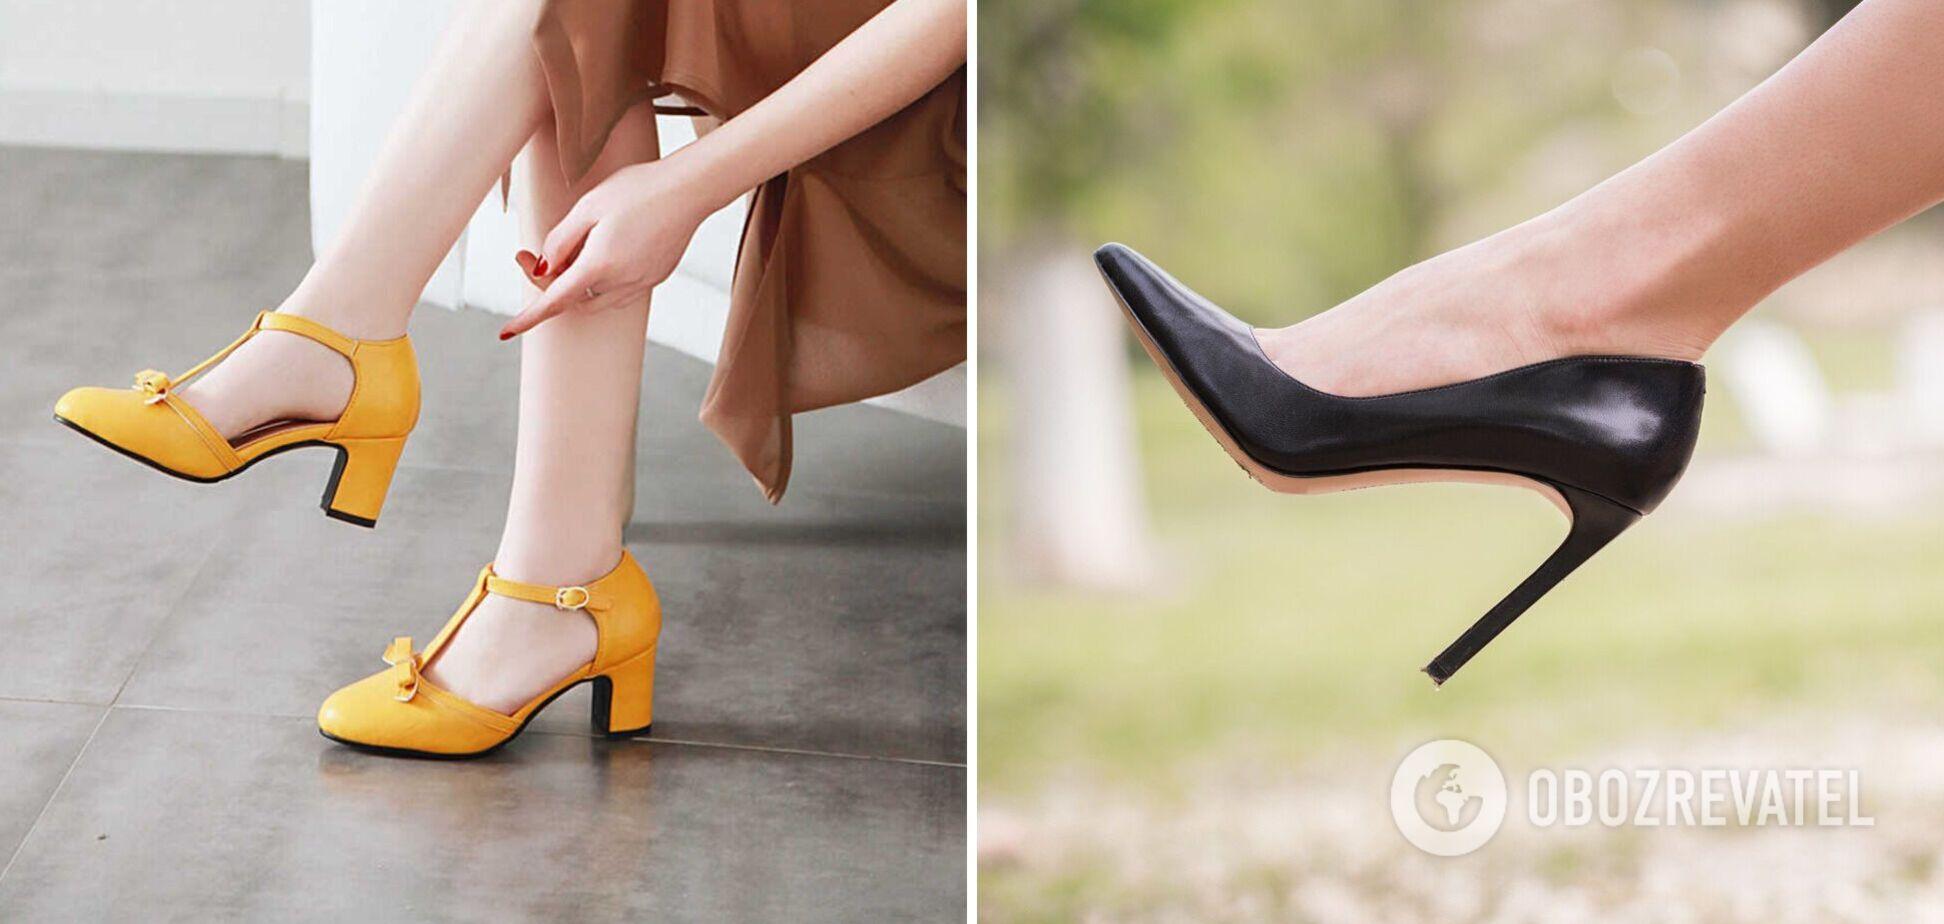 Модная обувь на весну 2021: названы стильные варианты